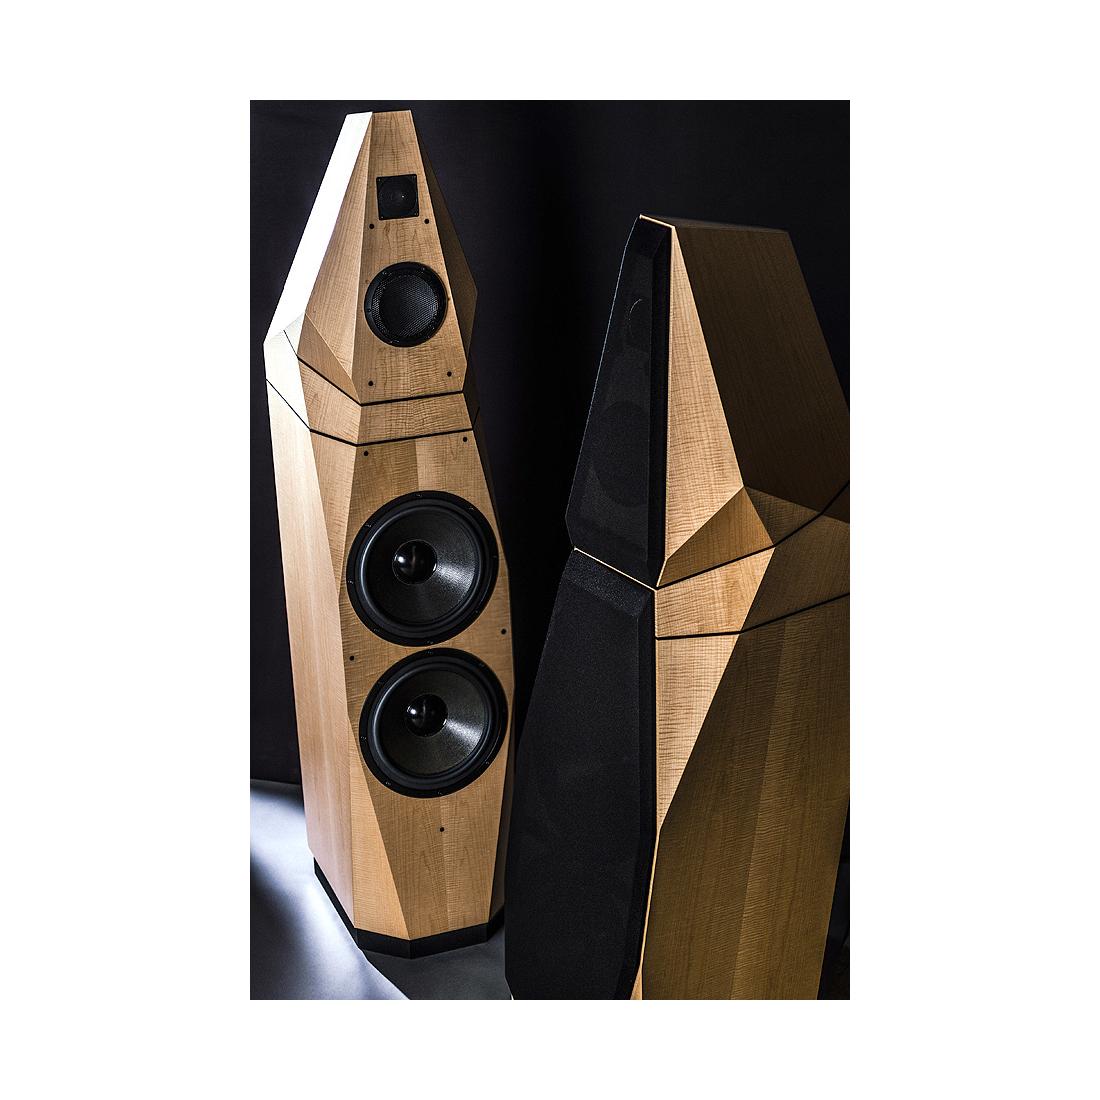 Avalon Acoustics Saga Walnut 販売価格お問い合わせください。 アヴァロン スピーカーシステム ペア